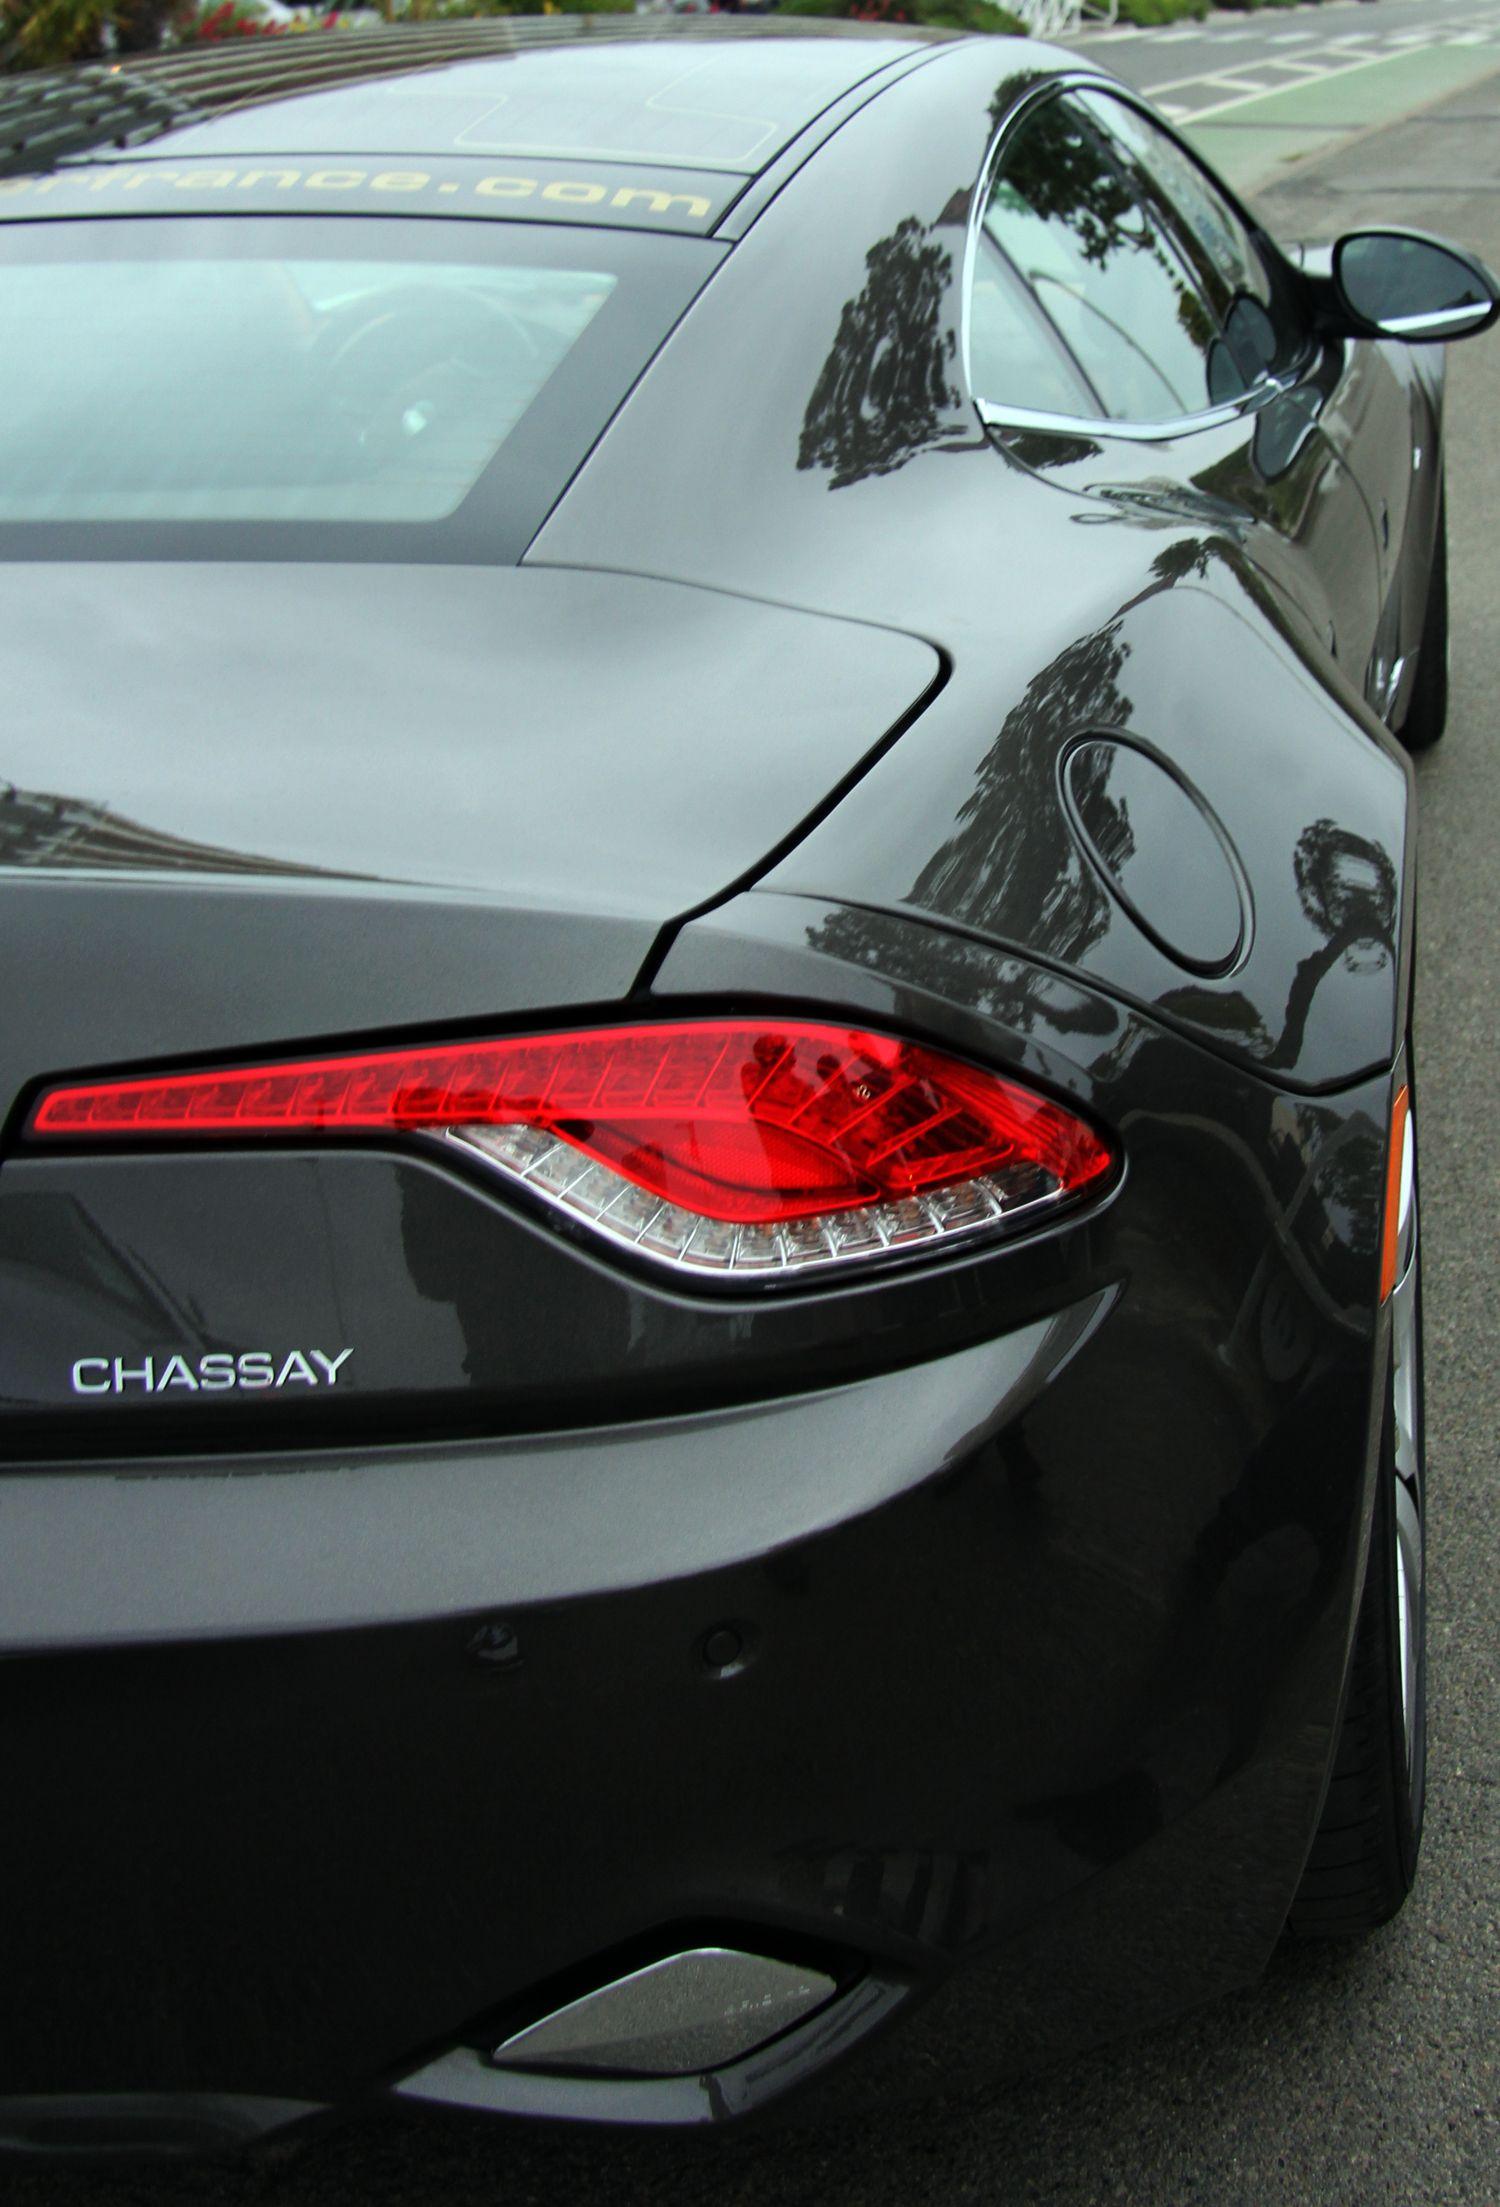 chassay